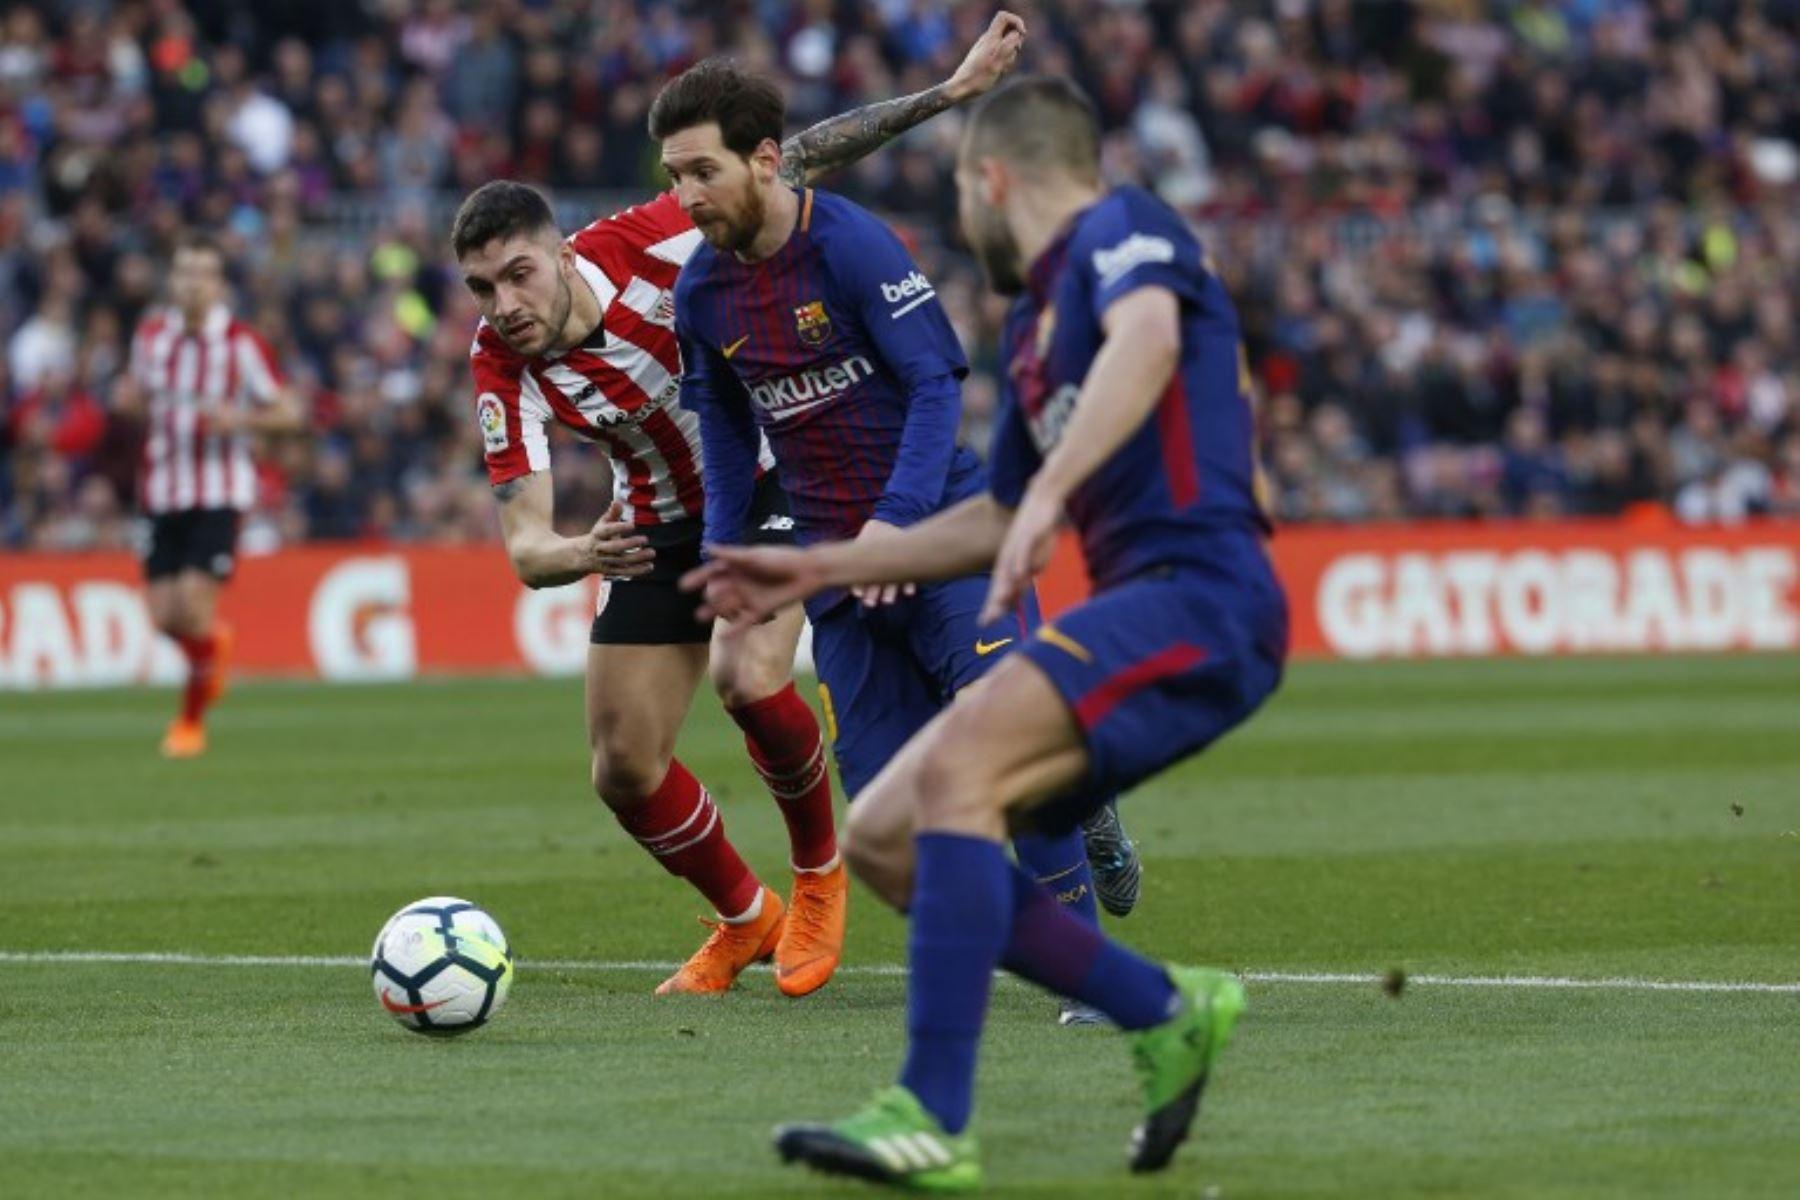 El defensa español del Athletic Bilbao Unai Nunez compite con el delantero argentino Lionel Messi durante el partido de fútbol de la Liga española .Foto:AFP